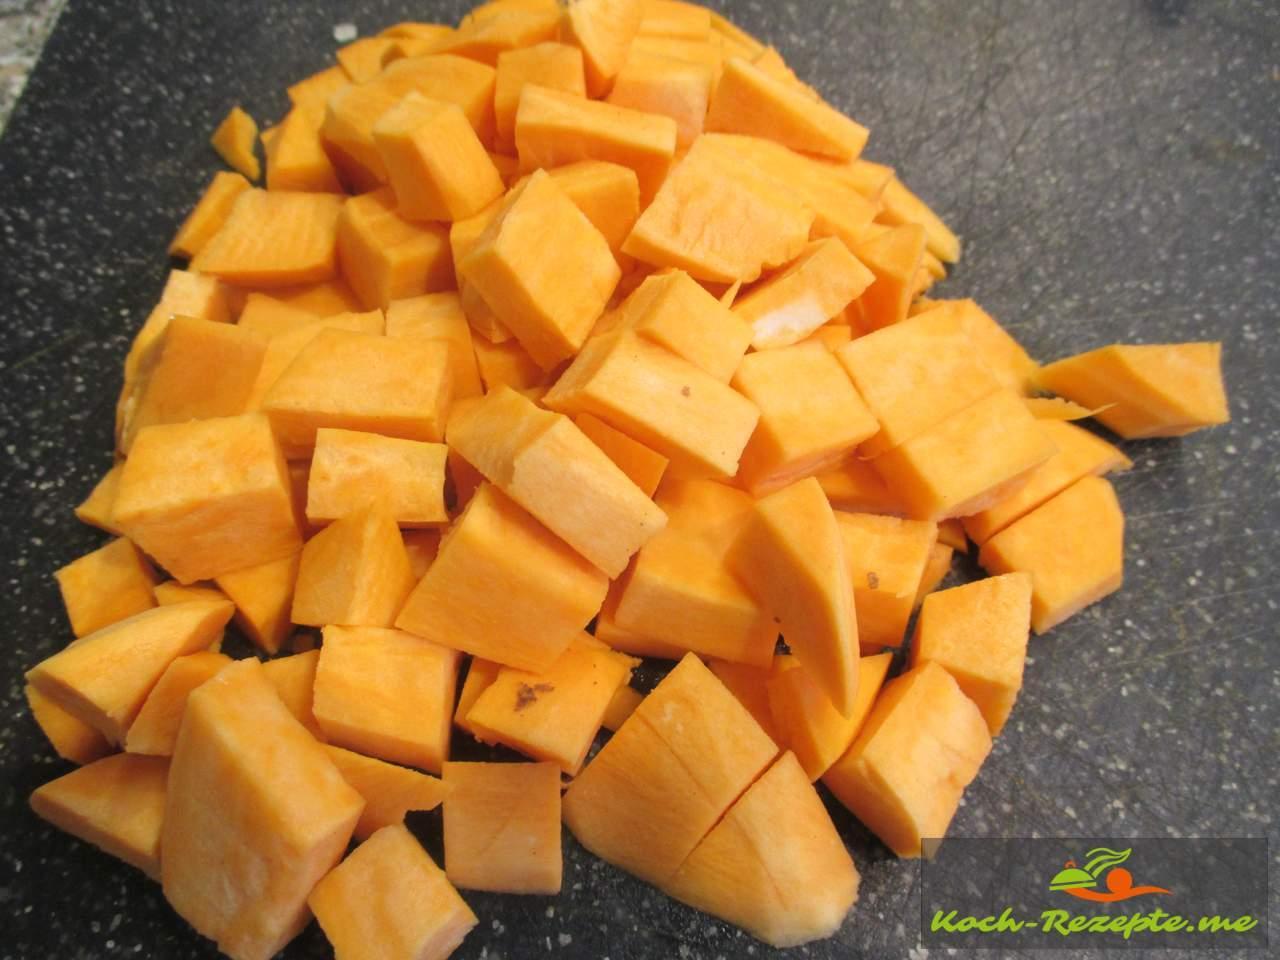 Süßkartoffel in Würfel geschnitten